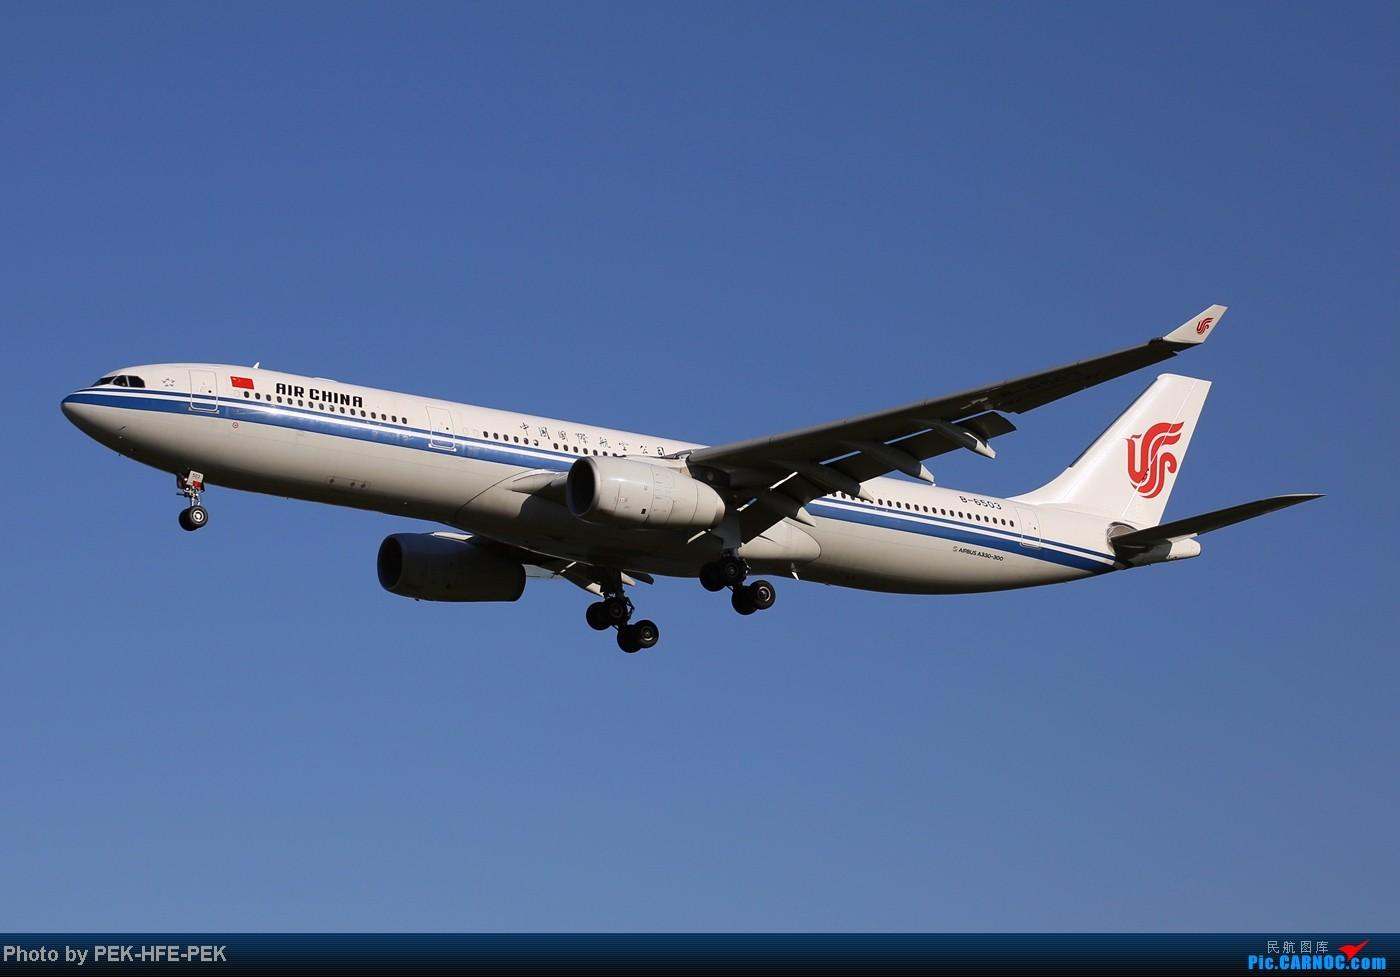 [原创][AutumnKwok]趁apec假有时间把以前拍的图都发了~帝都巨好的天儿在八卦台拍的一组图 AIRBUS A330-300 B-6503